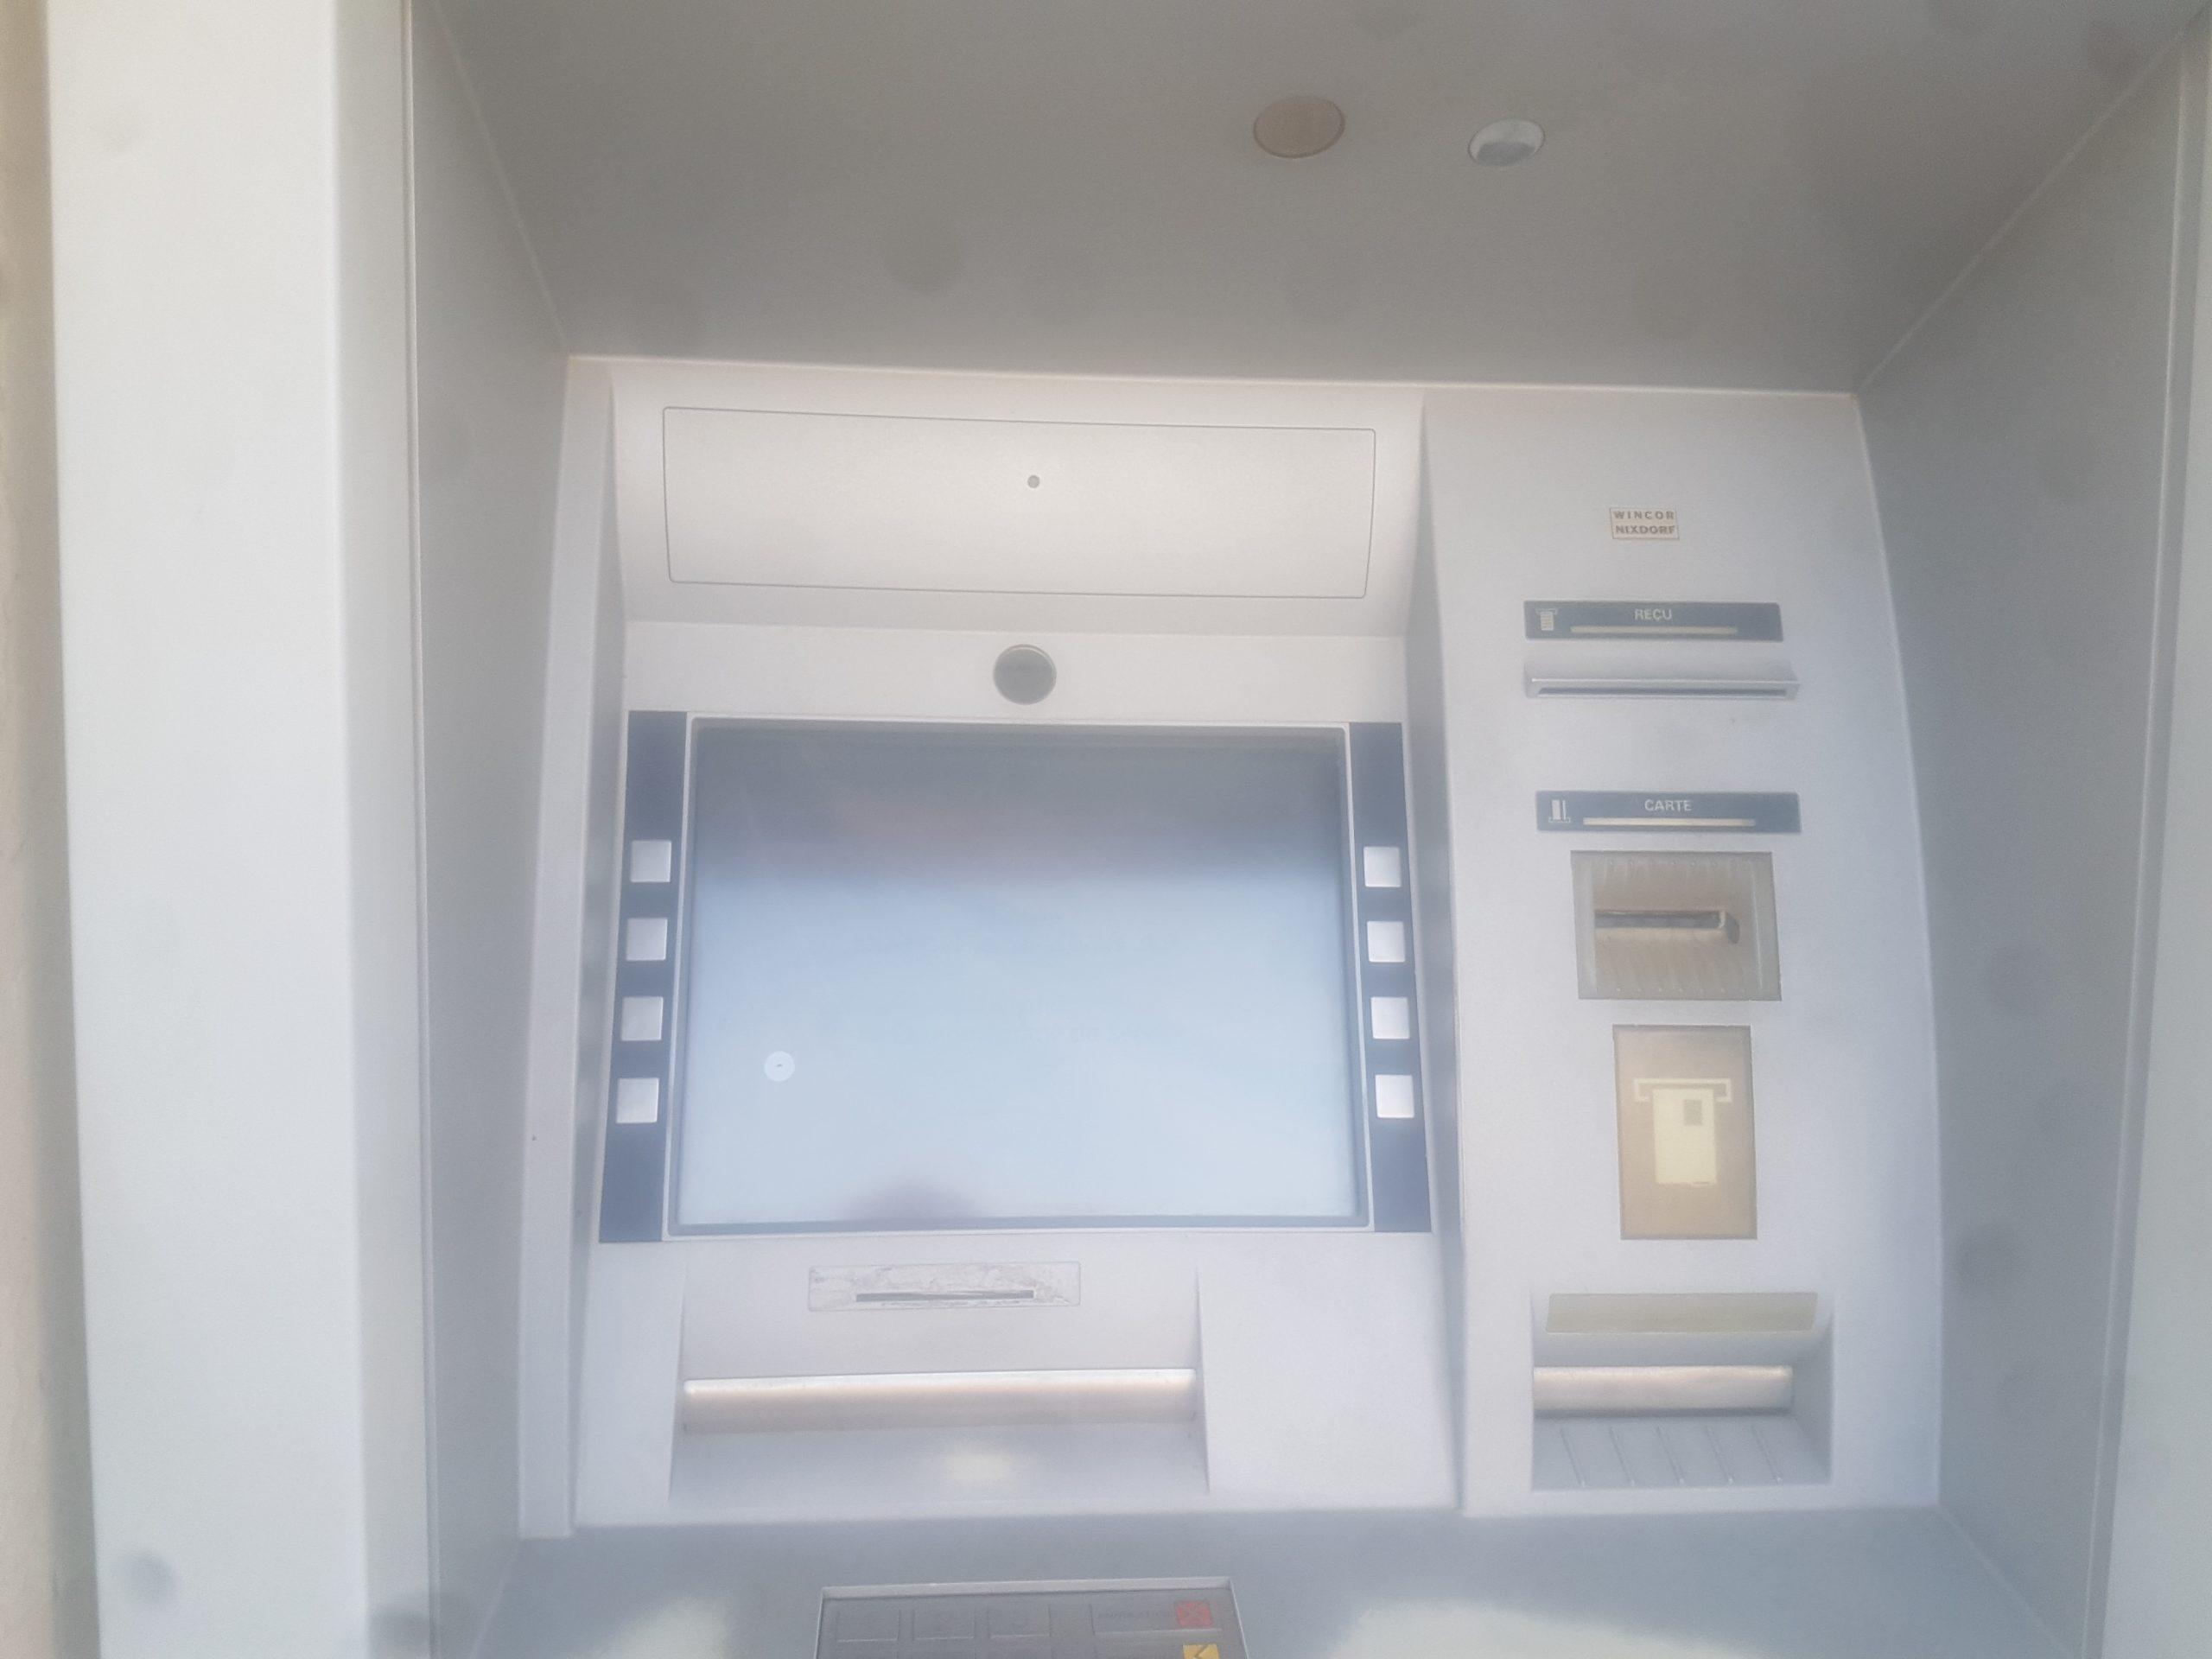 البطاقة البنكية معطلة بوكالة الشعبي طانطان الشاطئ مايناهز 7ايام التفاصيل